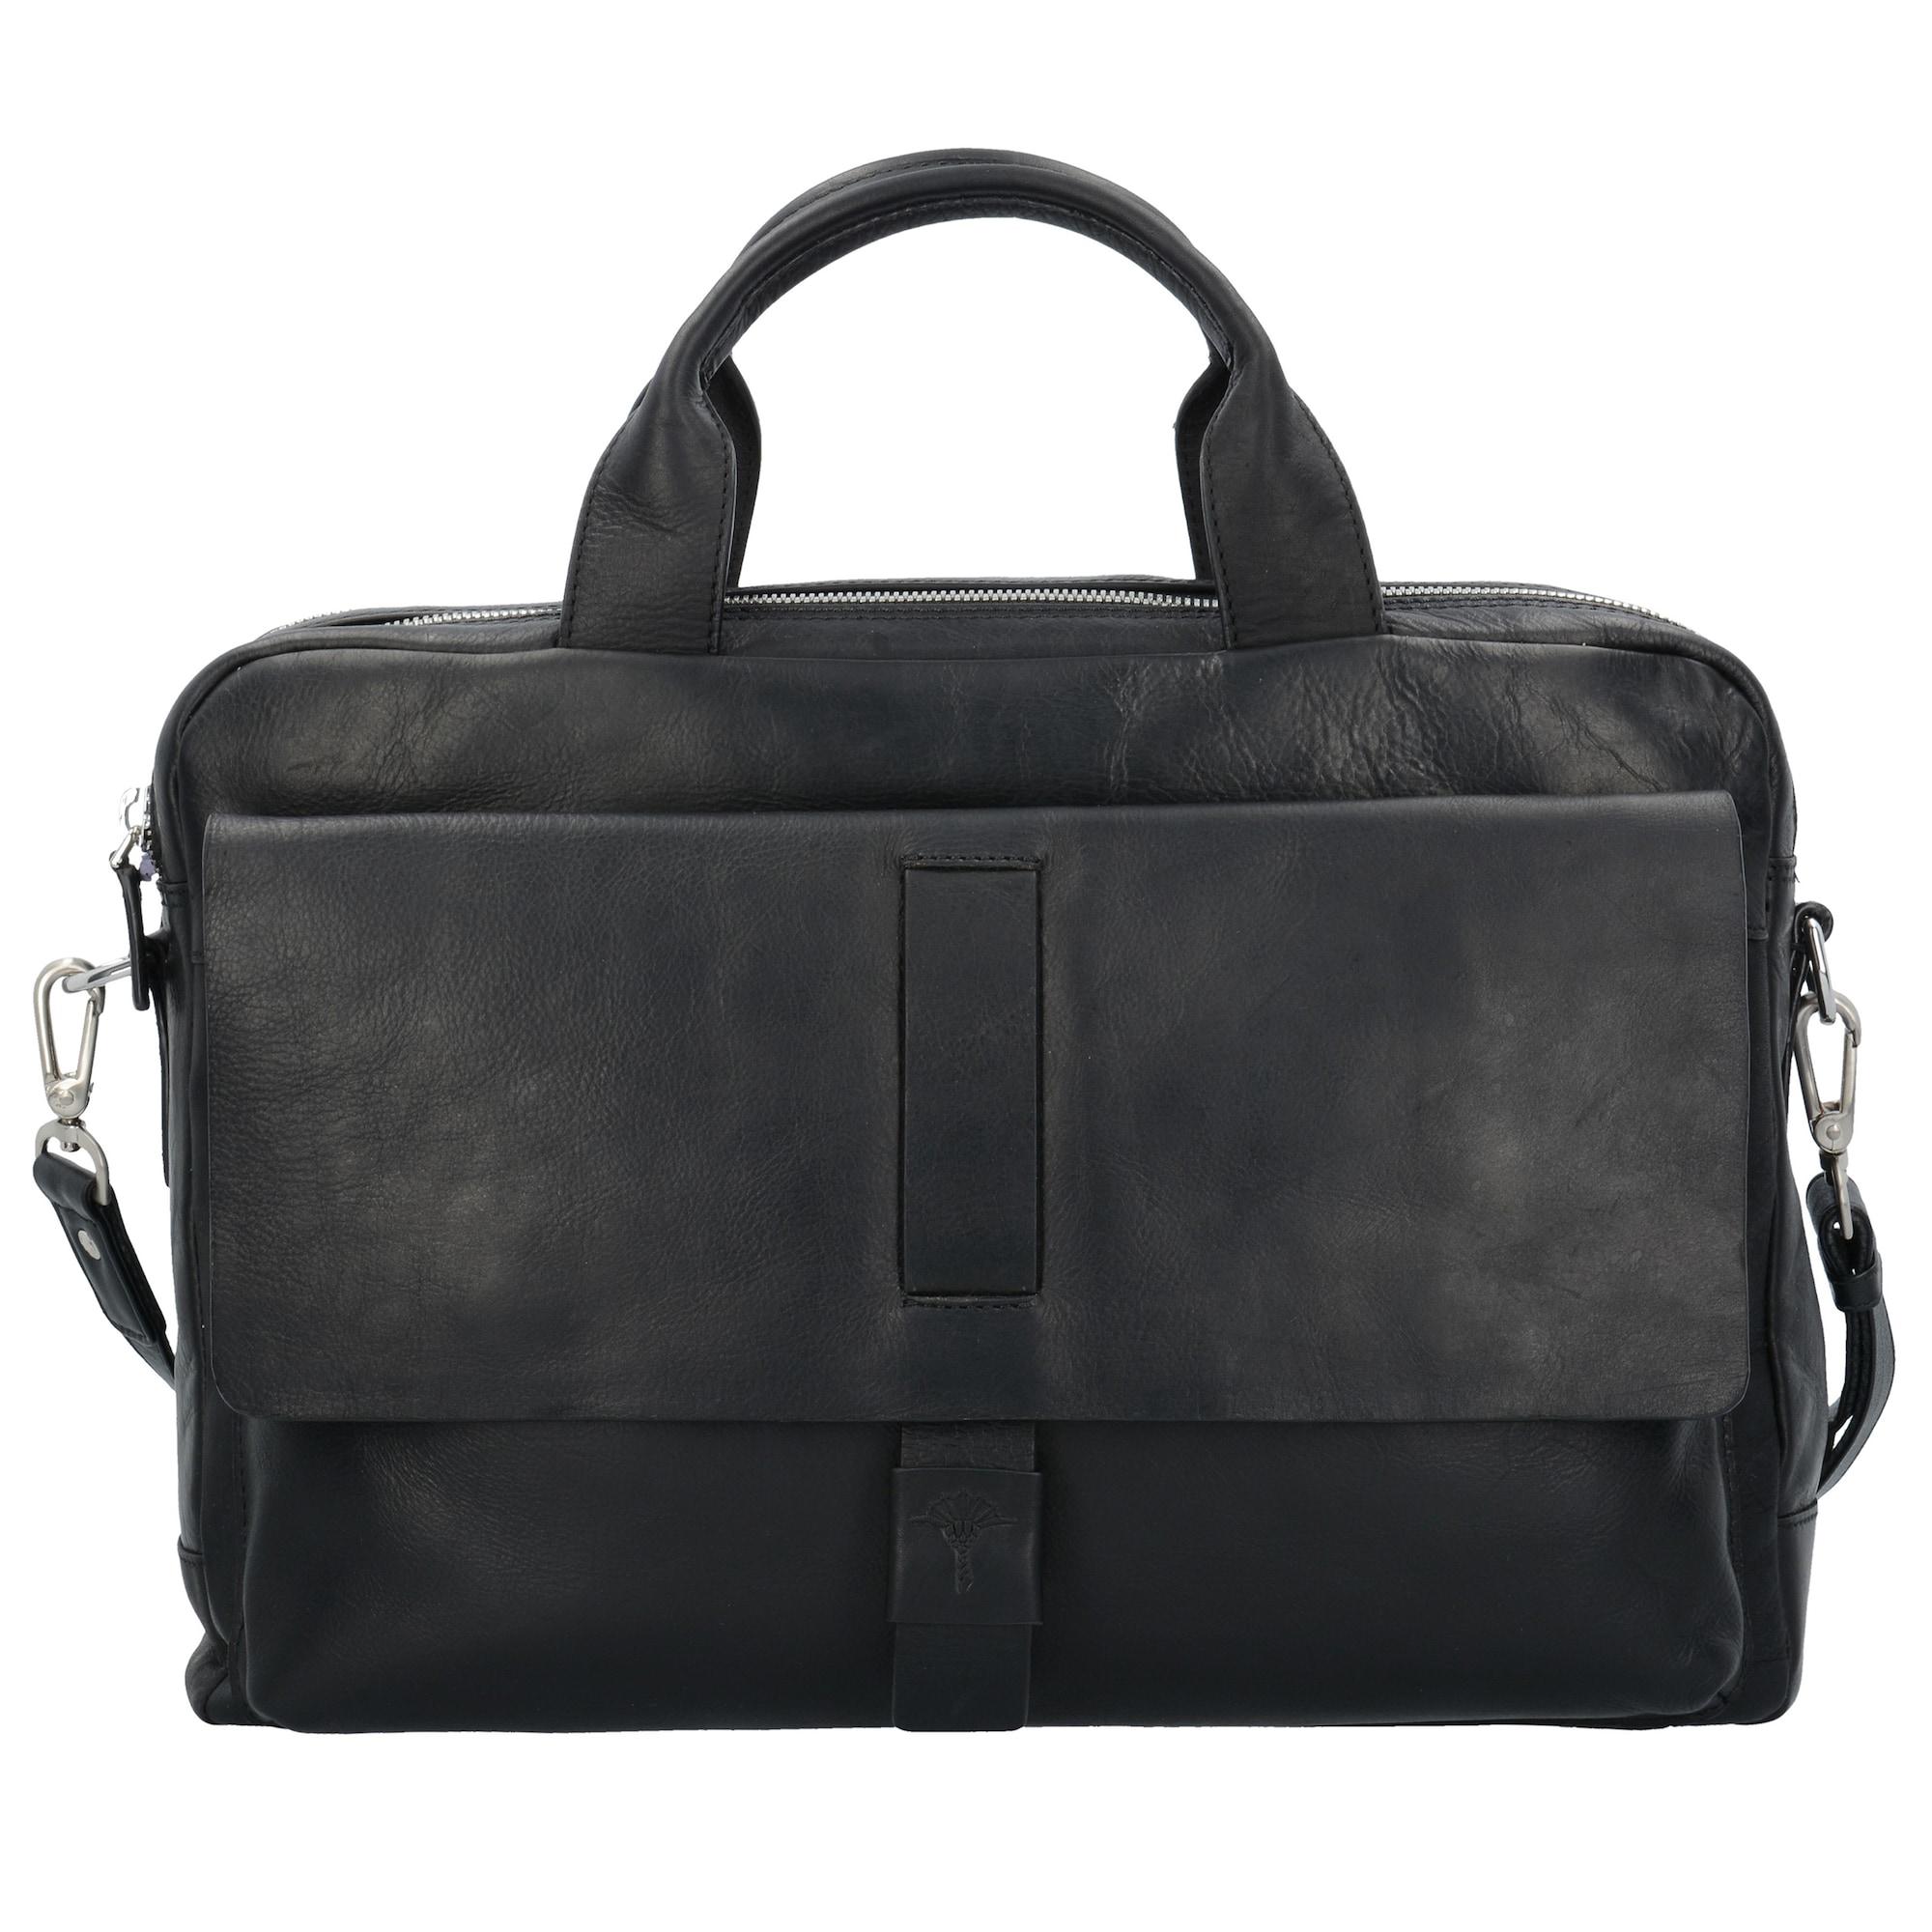 'Loreto Pandion' Businesstasche   Taschen > Business Taschen   Joop!